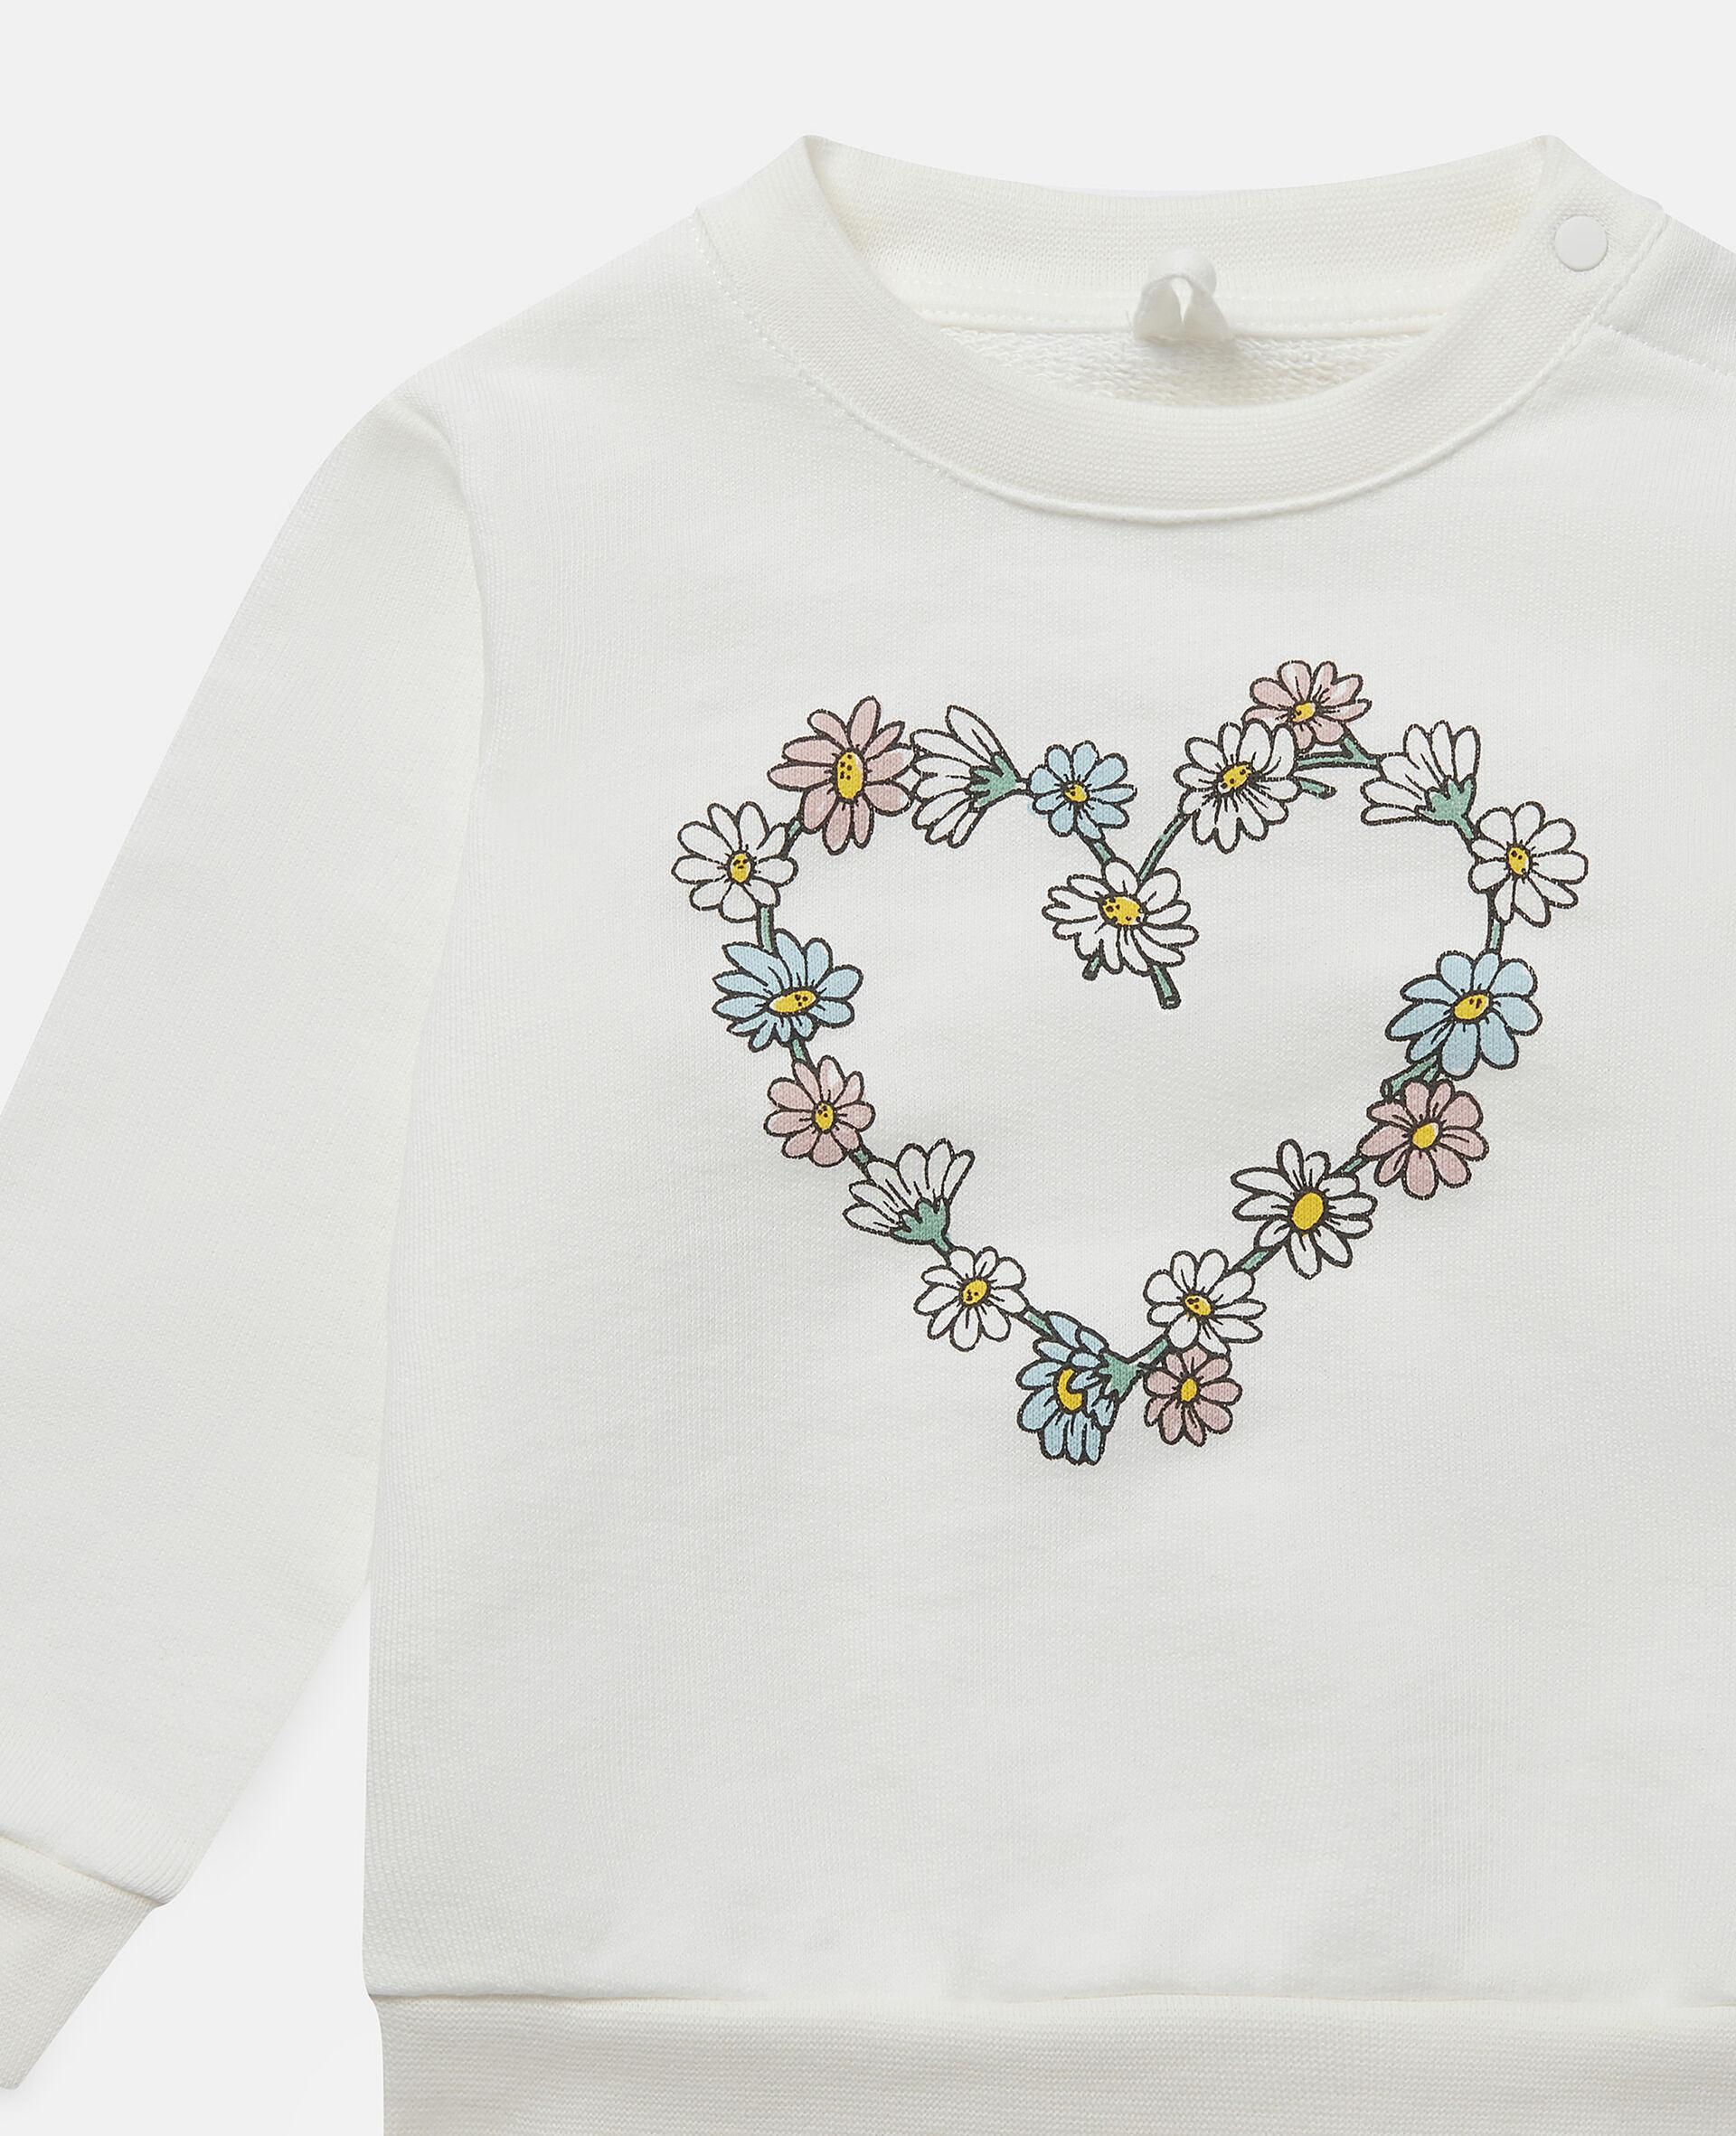 Baumwollfleece-Sweatshirt mit Gänseblümchenherz-Motiv -Weiß-large image number 1